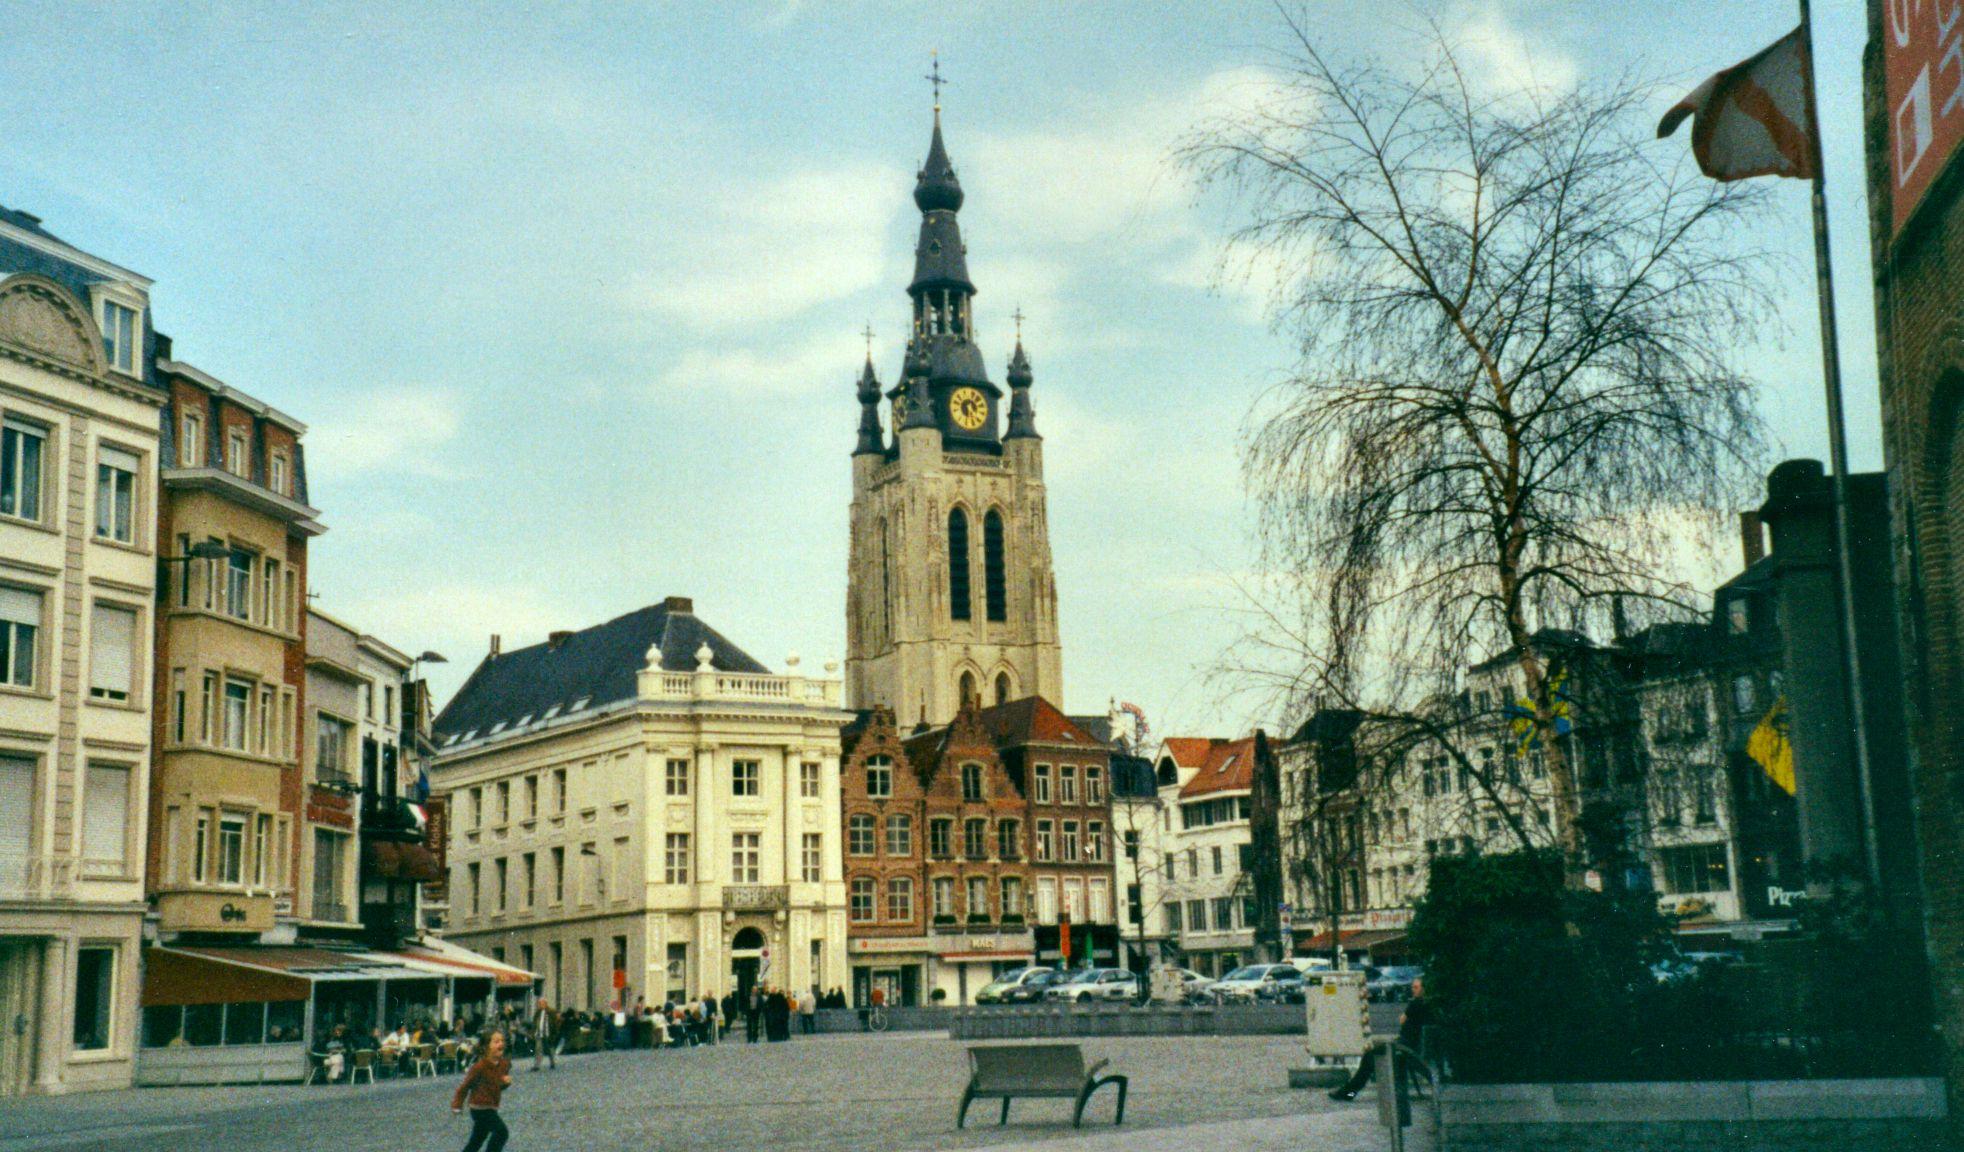 ofbeeldienge kortrijk aka courtrai in belgium